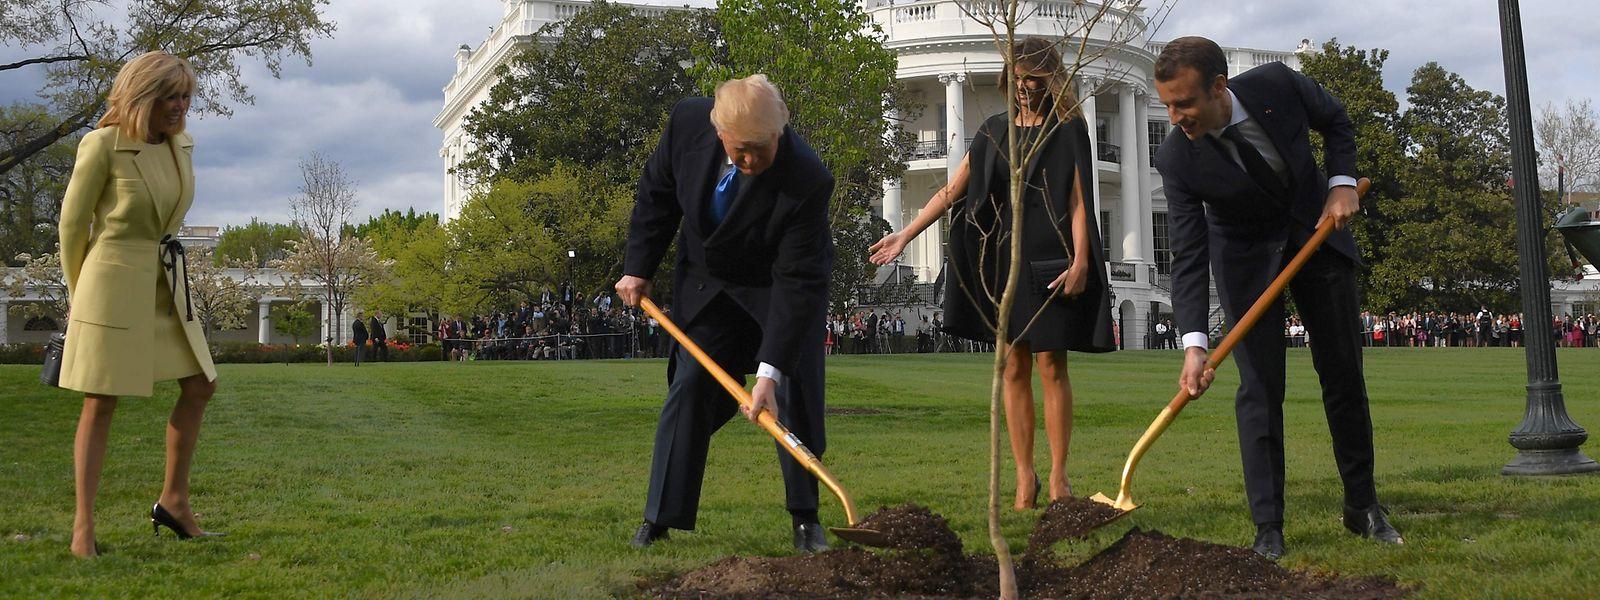 Die beiden Präsidenten pflanzten als Auftakt des Besuchs eine Steineiche im Garten des Weißen Hauses.